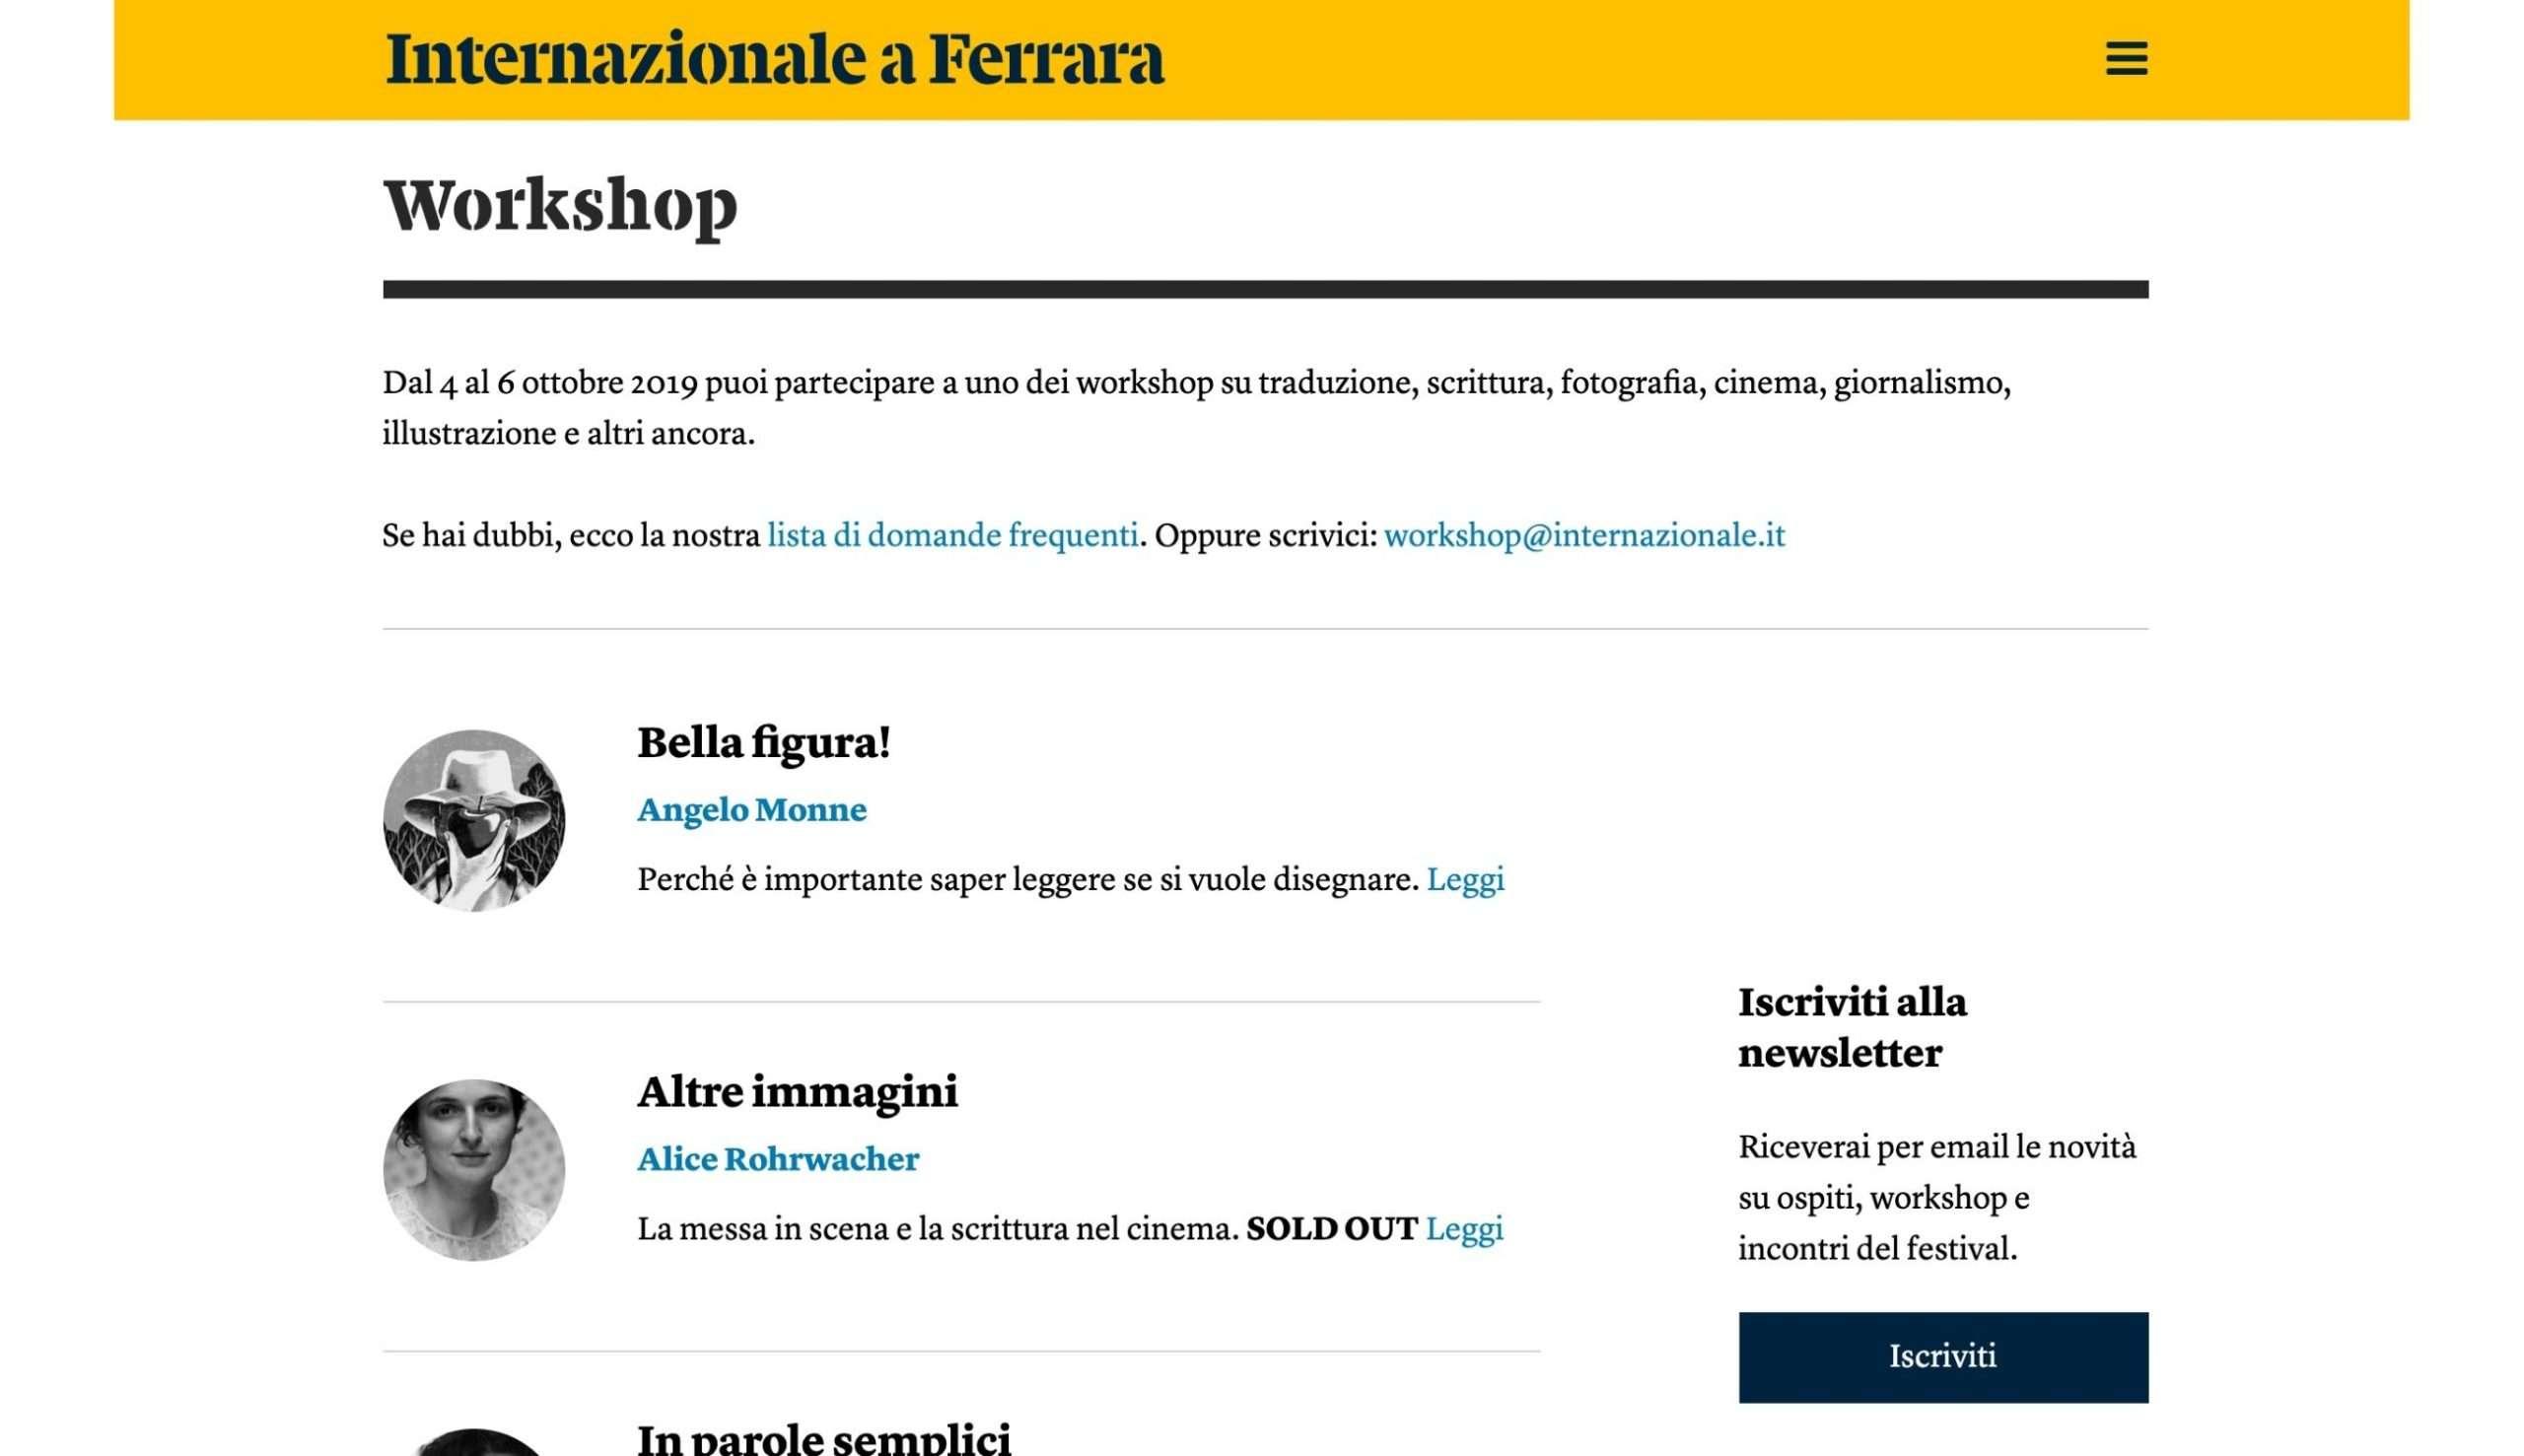 Internazionale a Ferrara - workshop